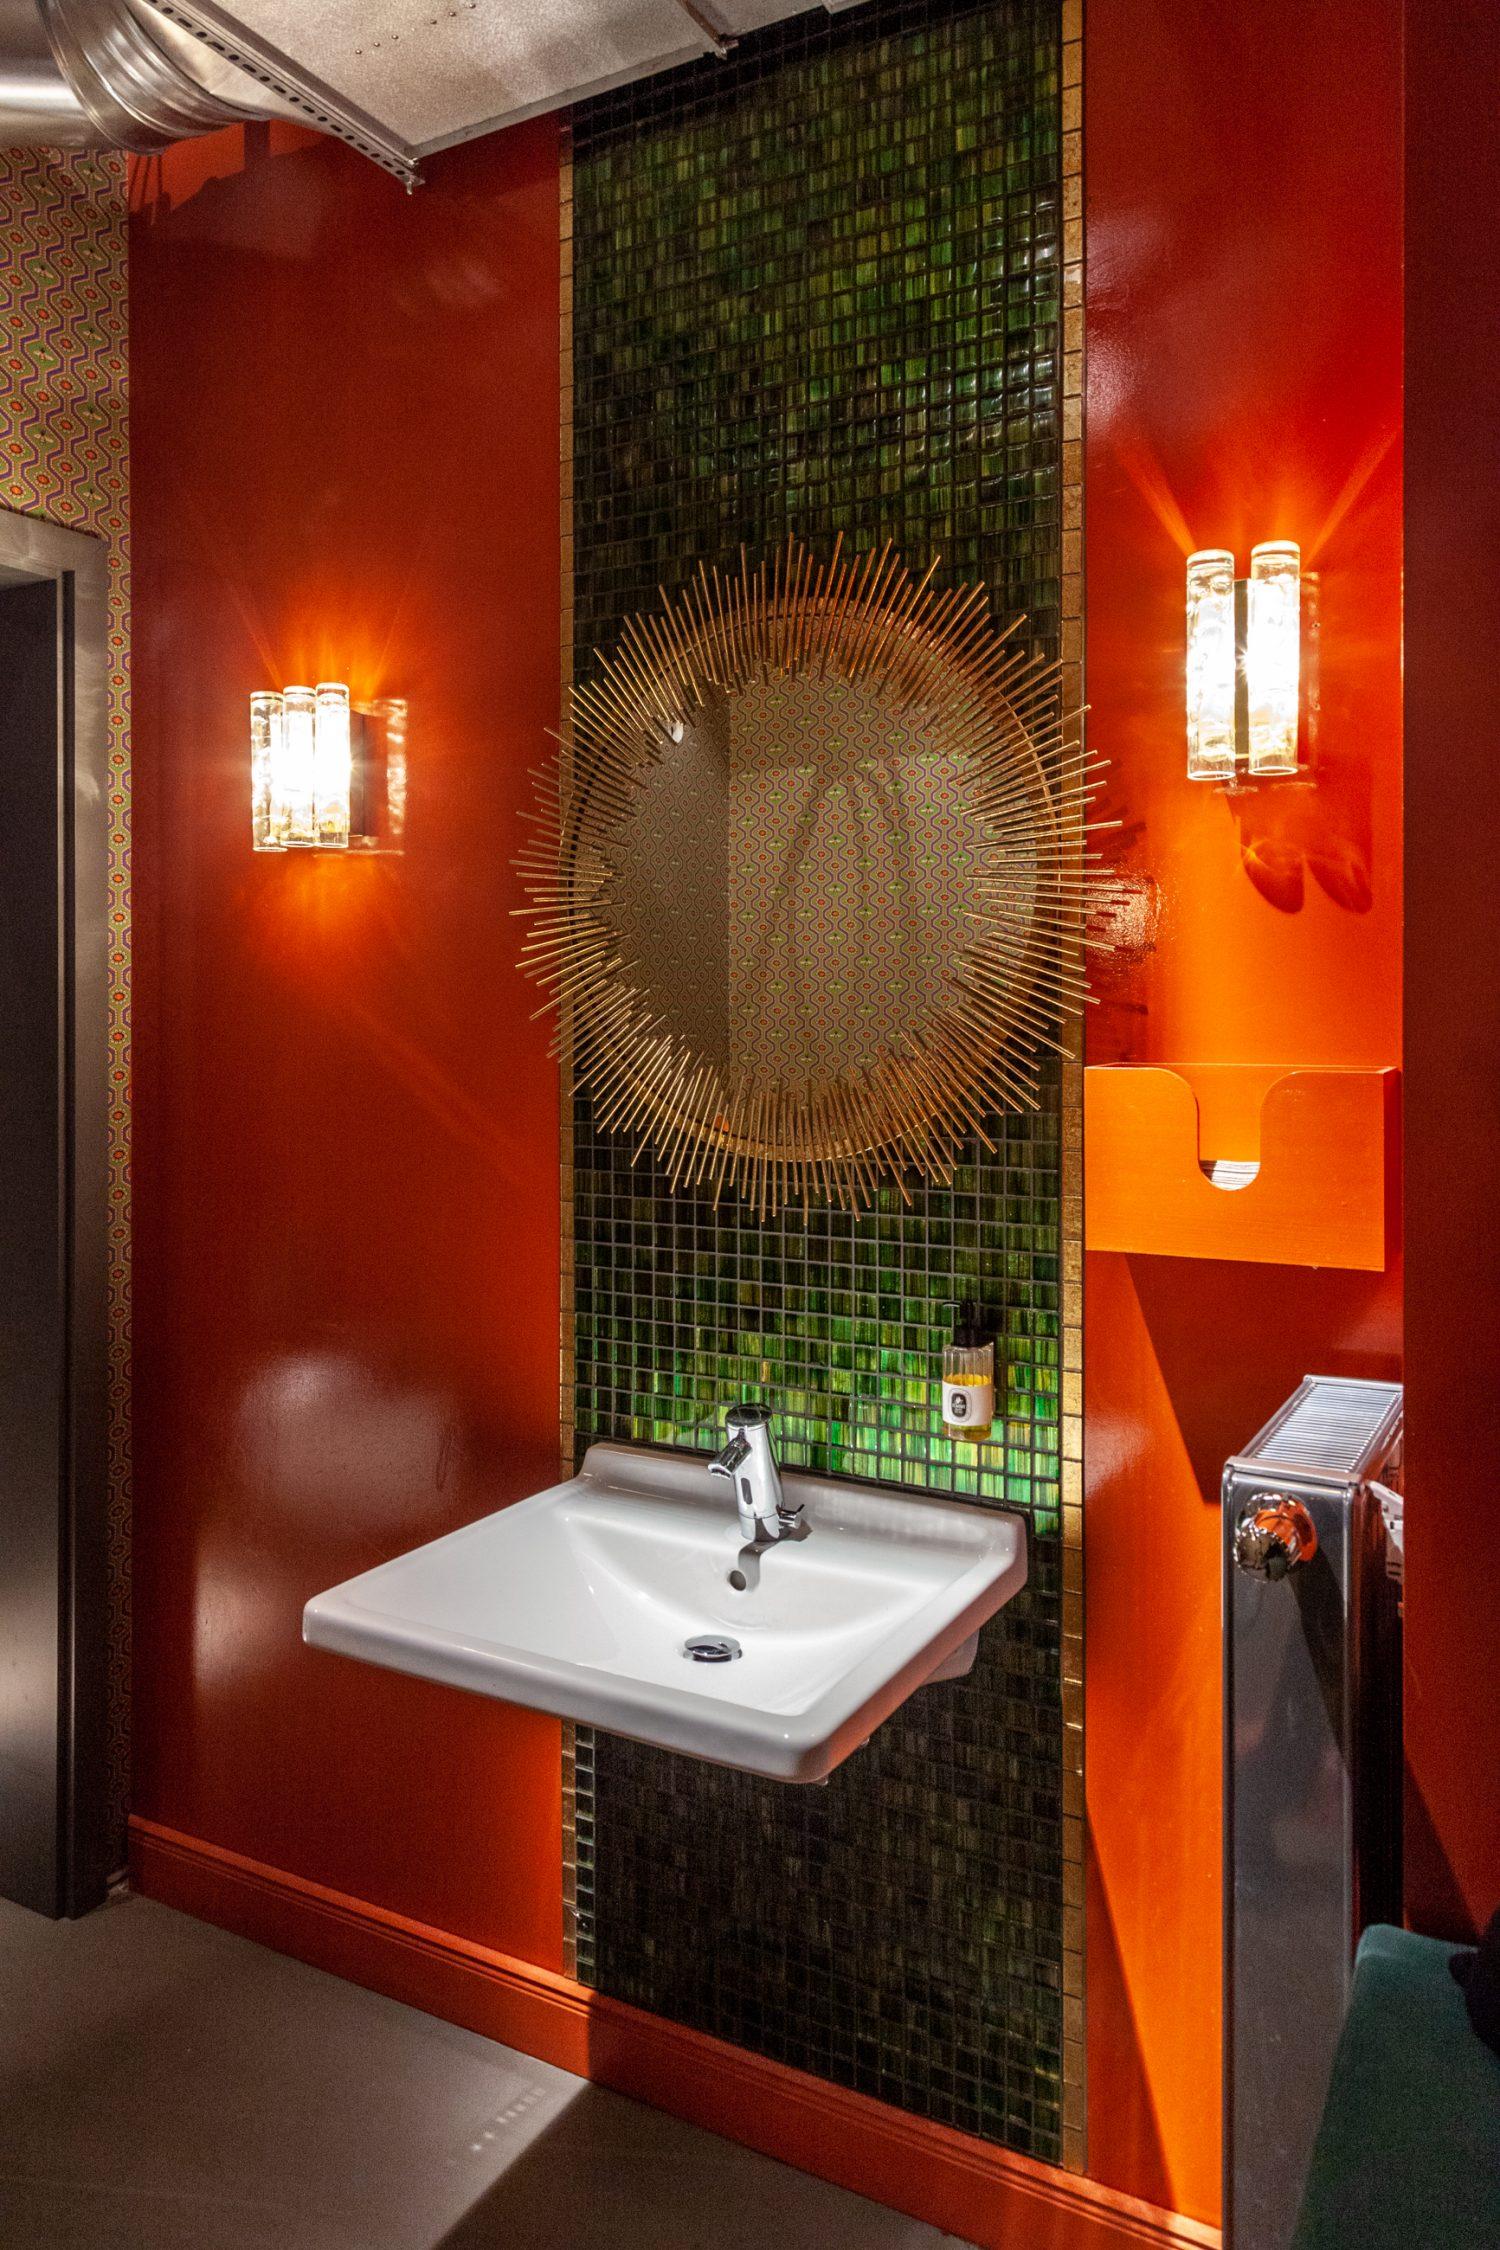 gucci design theme lindholz interior design for barry disko bar berlin